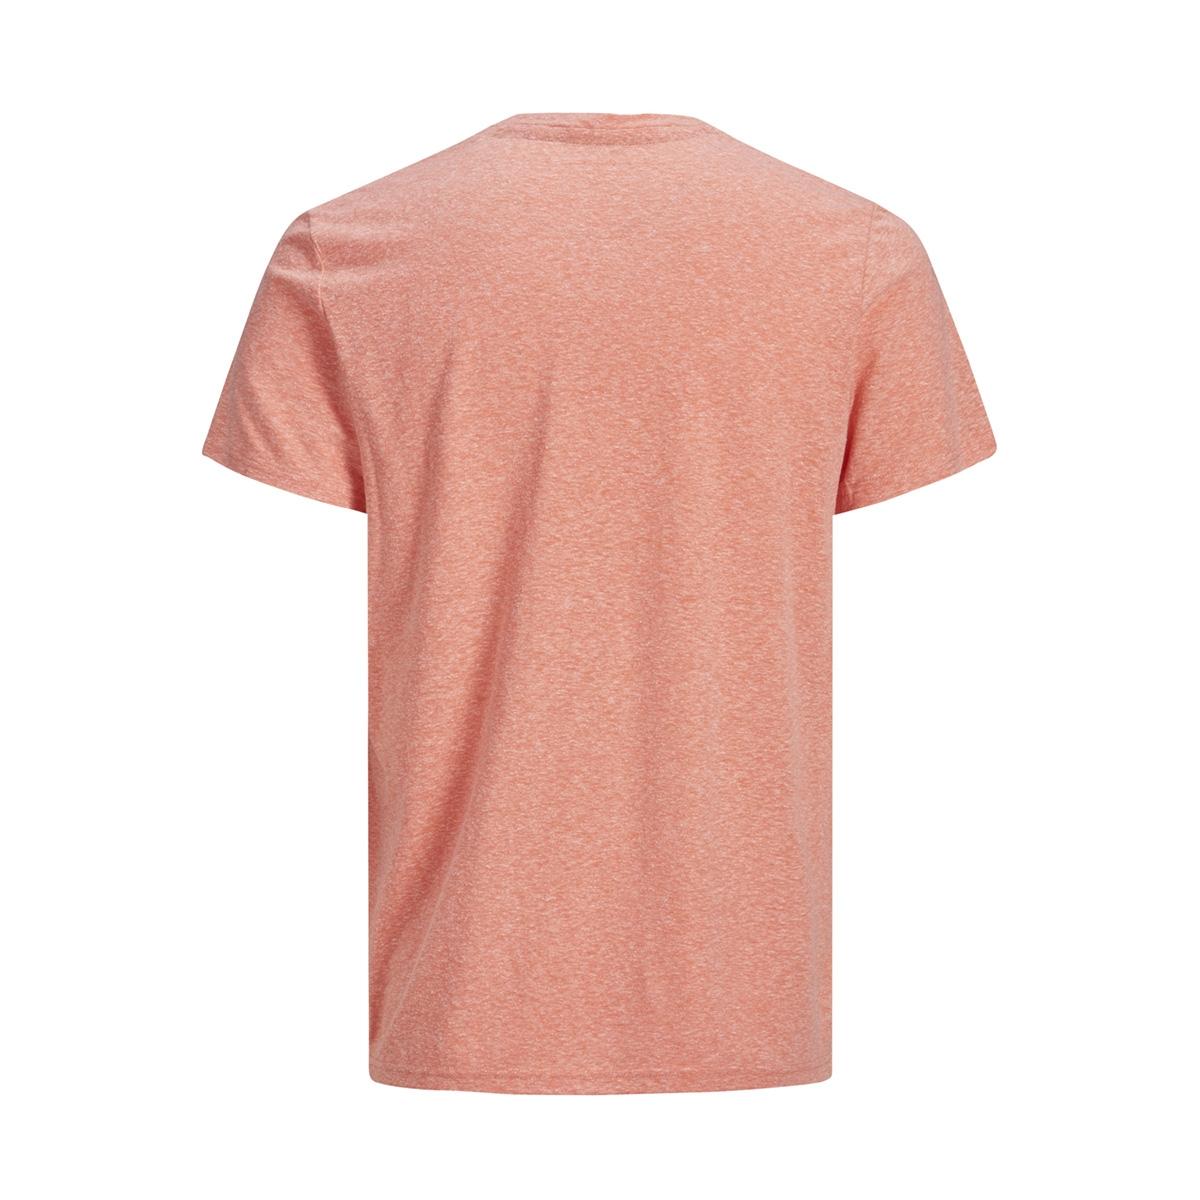 jorhazy tee ss crew neck 12152608 jack & jones t-shirt persimmon